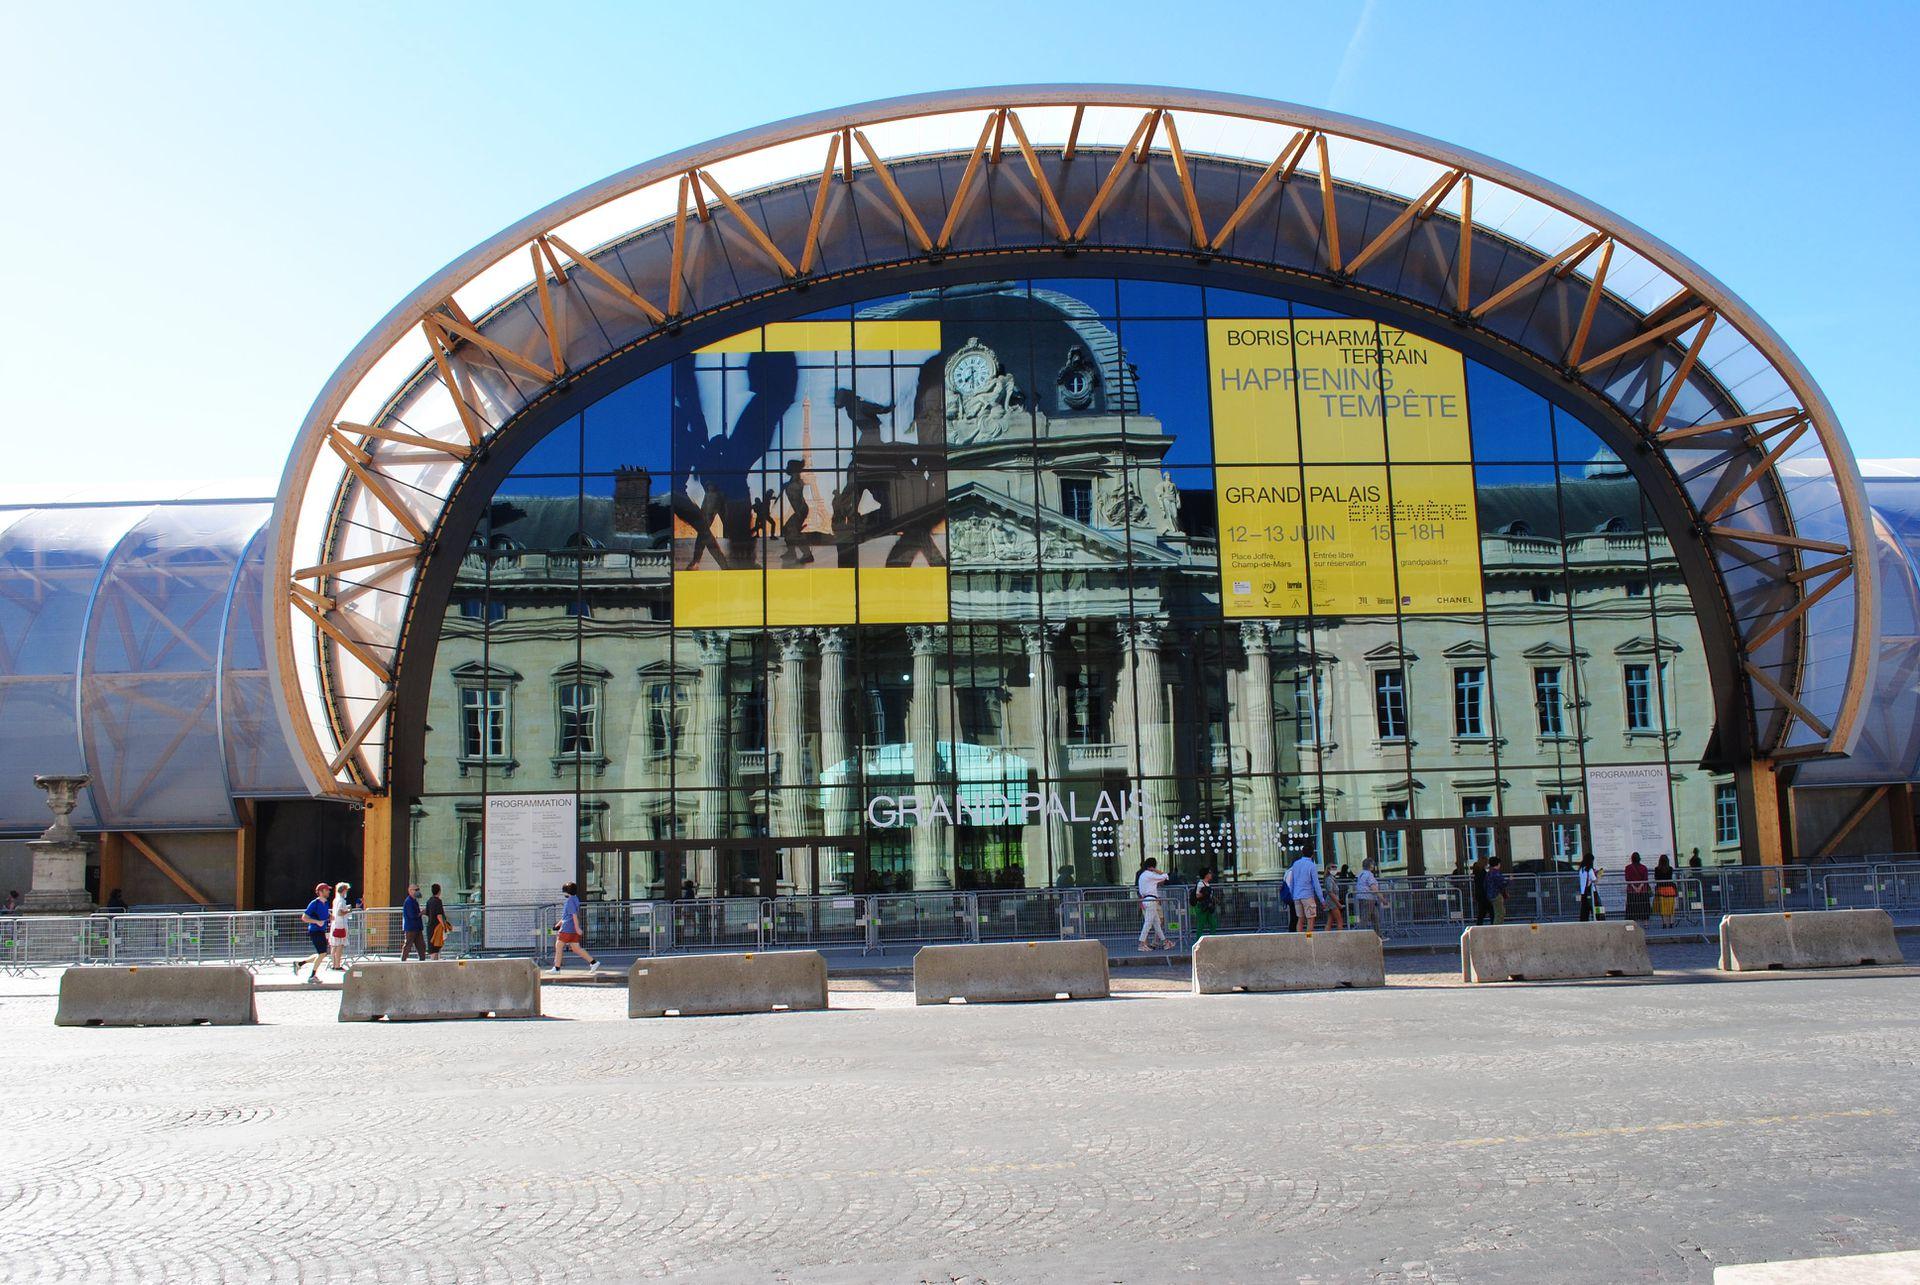 El palacio de 10.000 m²  es un diseño sustentable del arquitecto Jean-Michel Wilmotte. Abrió el 19 de mayo y reemplazará al Grand Palais hasta los Juegos Olímpicos de 2024.